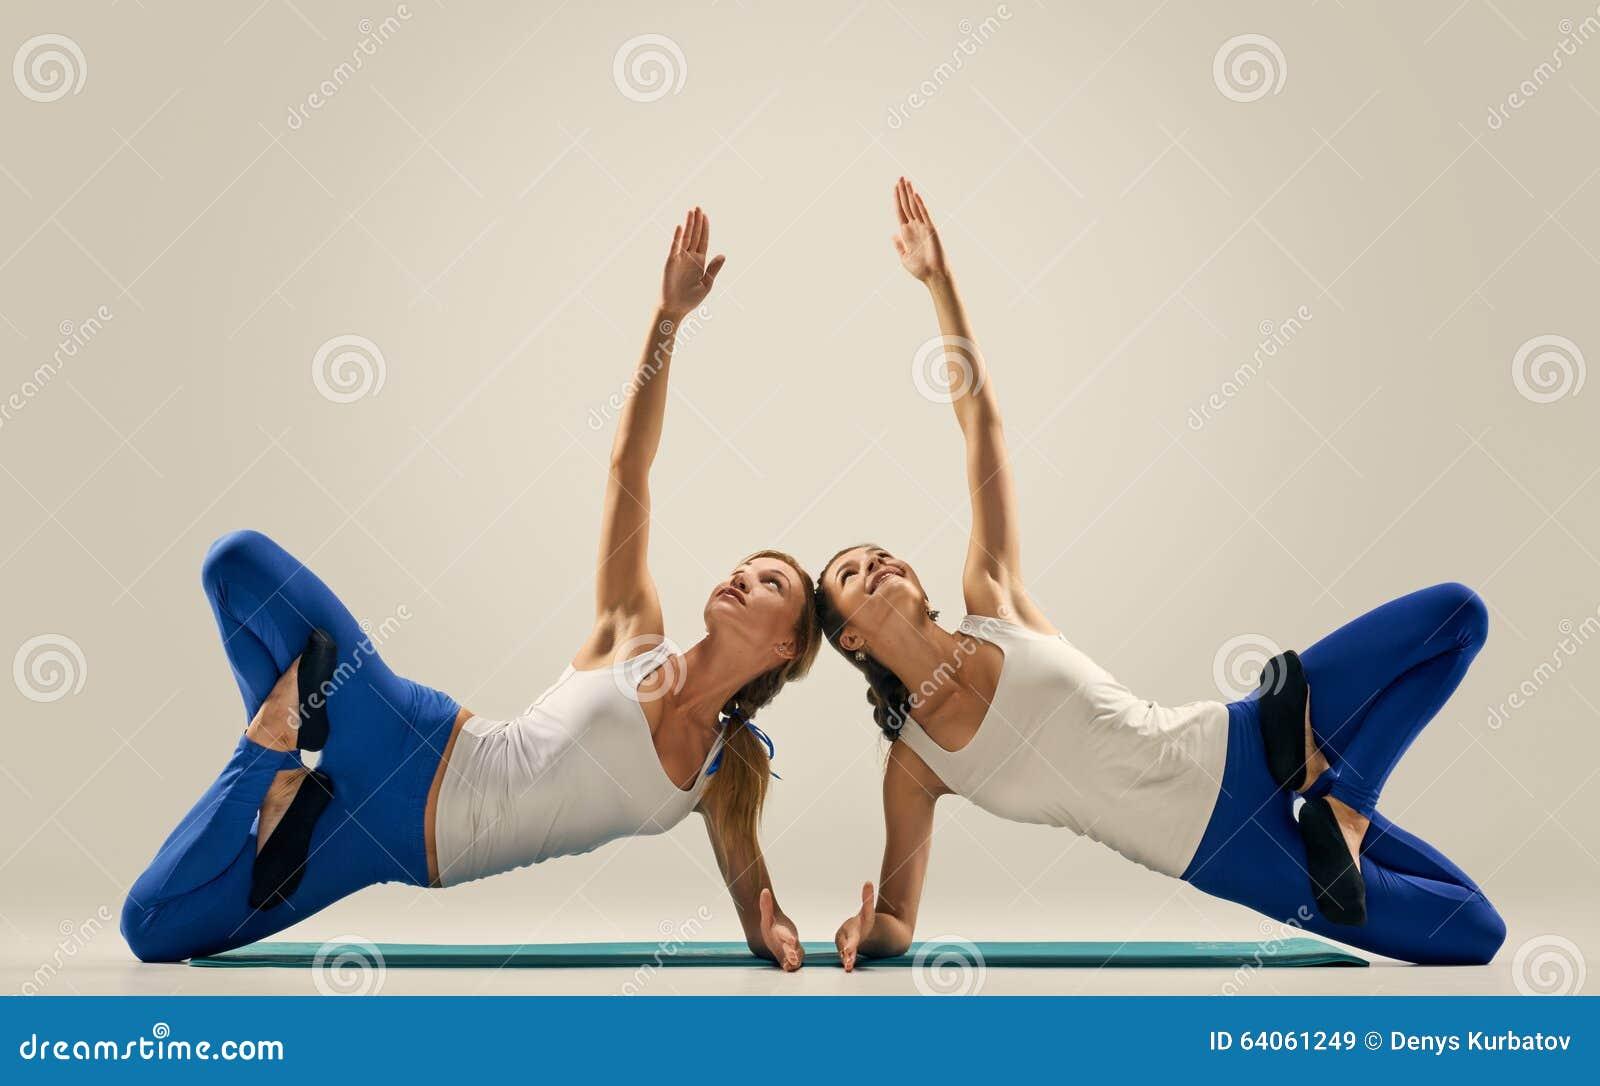 Yoga In Den Paaren Frauen Duo Balance Auf Boden Stockbild Bild Von